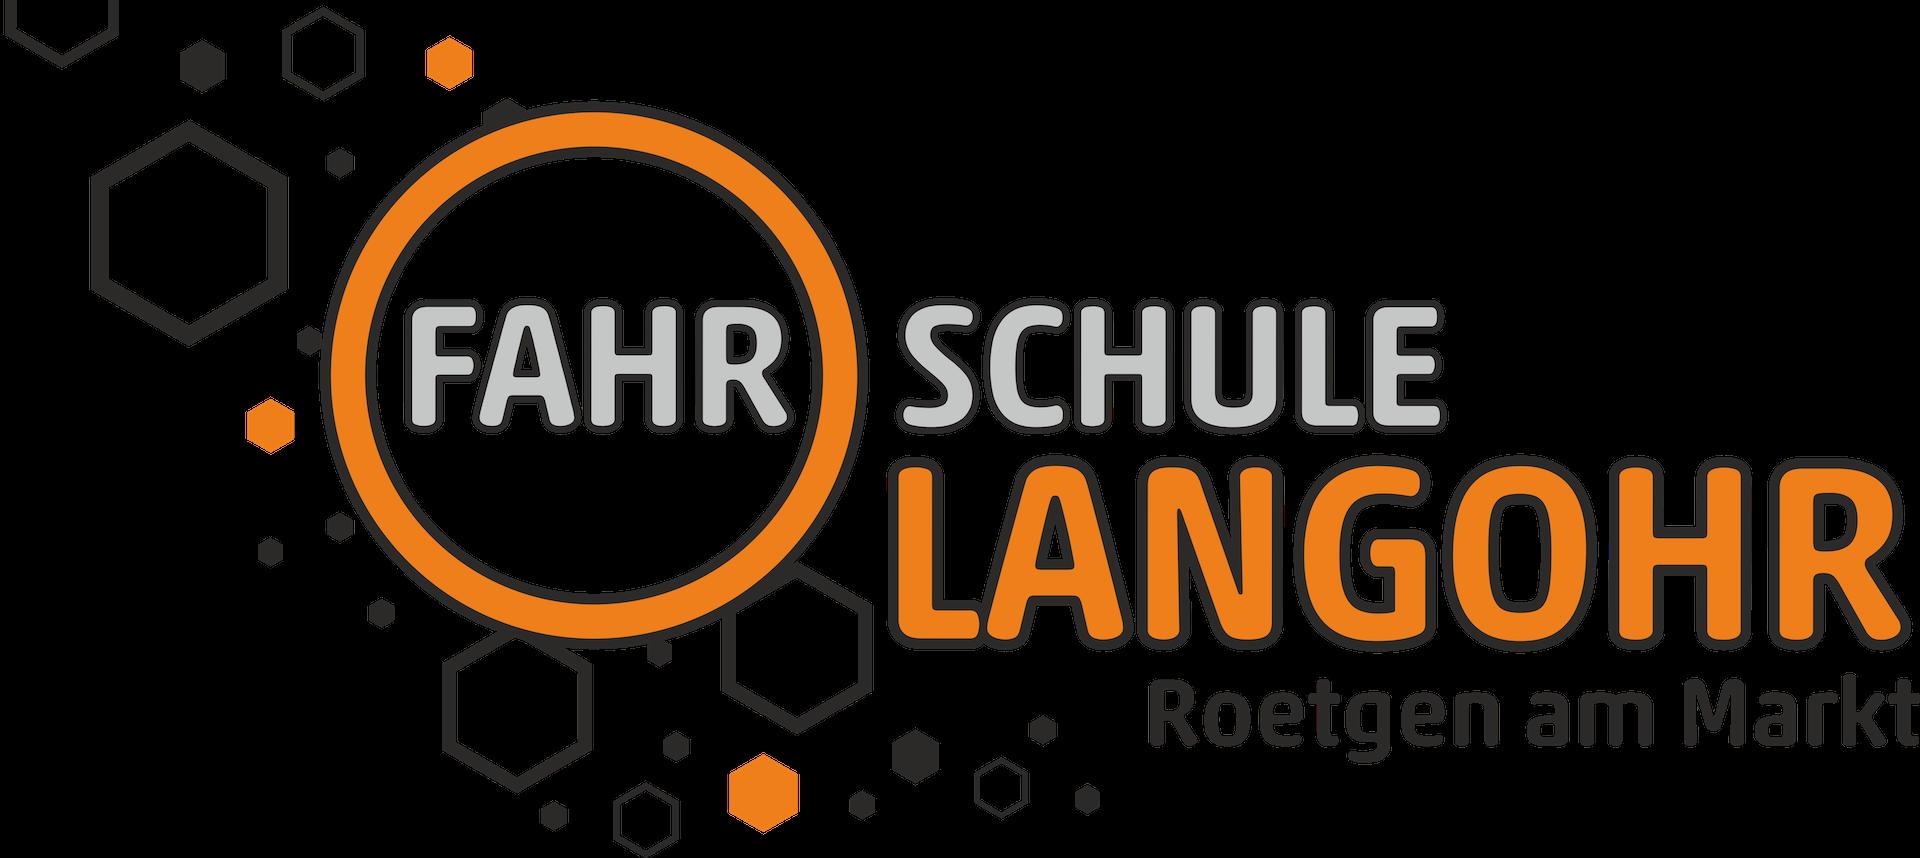 Fahrschule Langohr